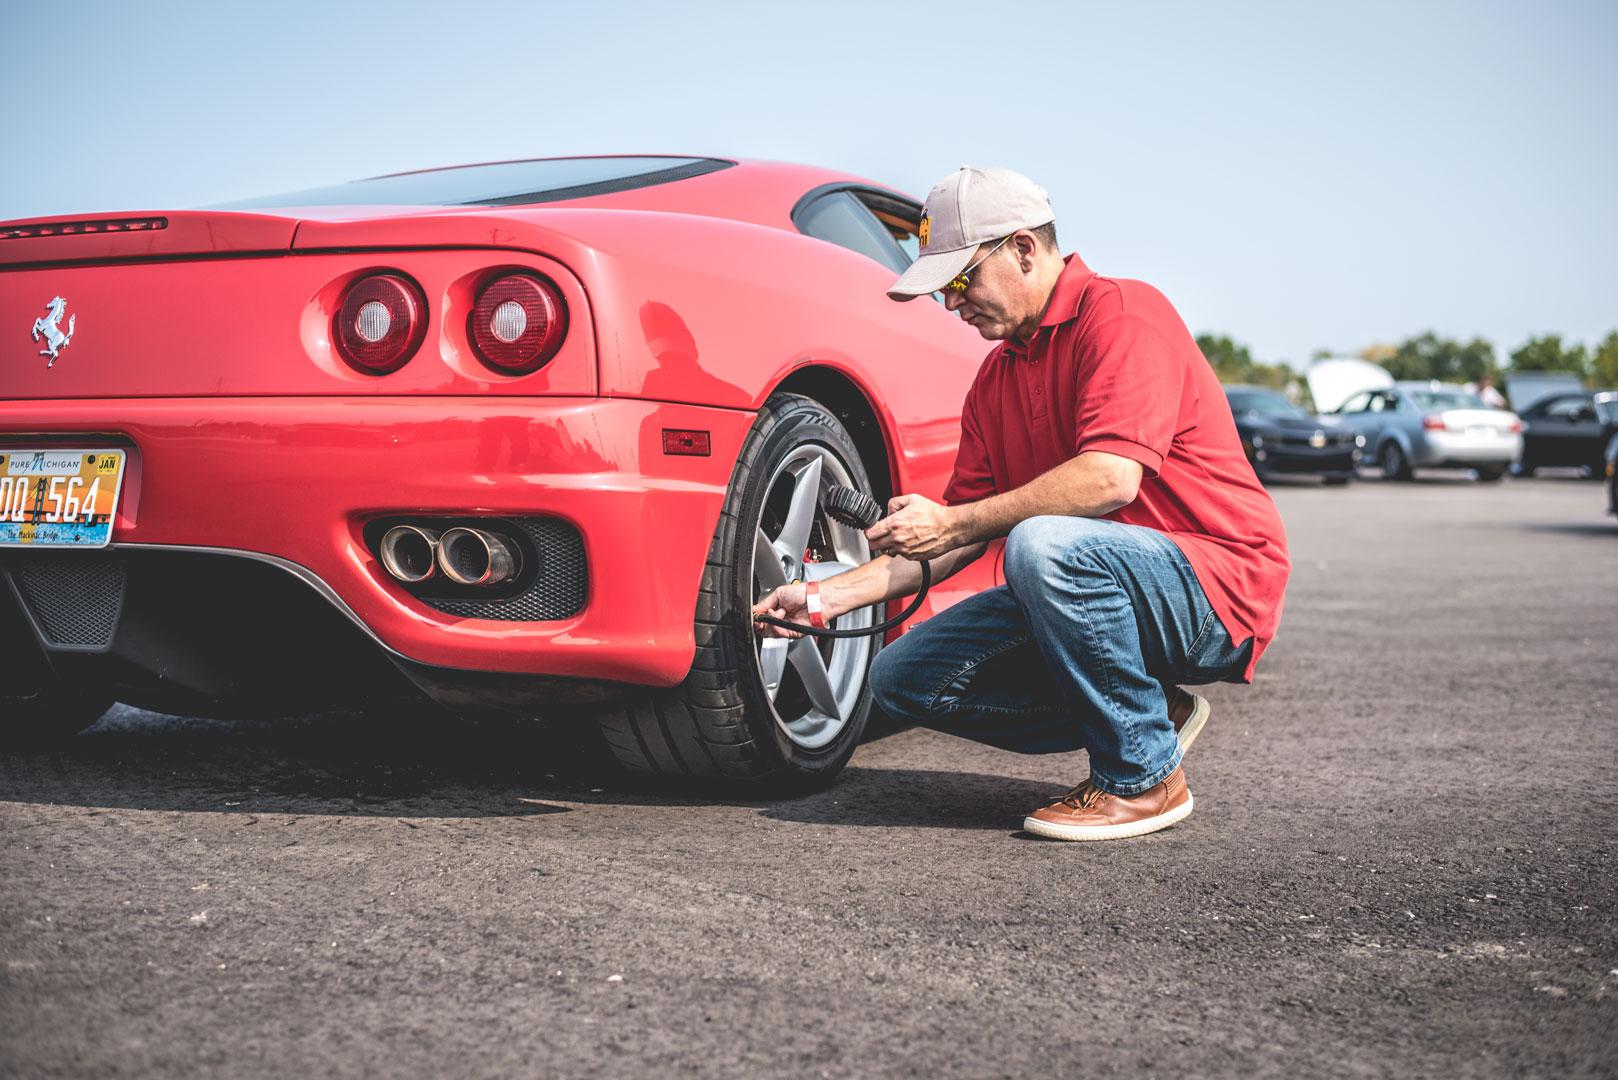 make sure to check your tire pressure